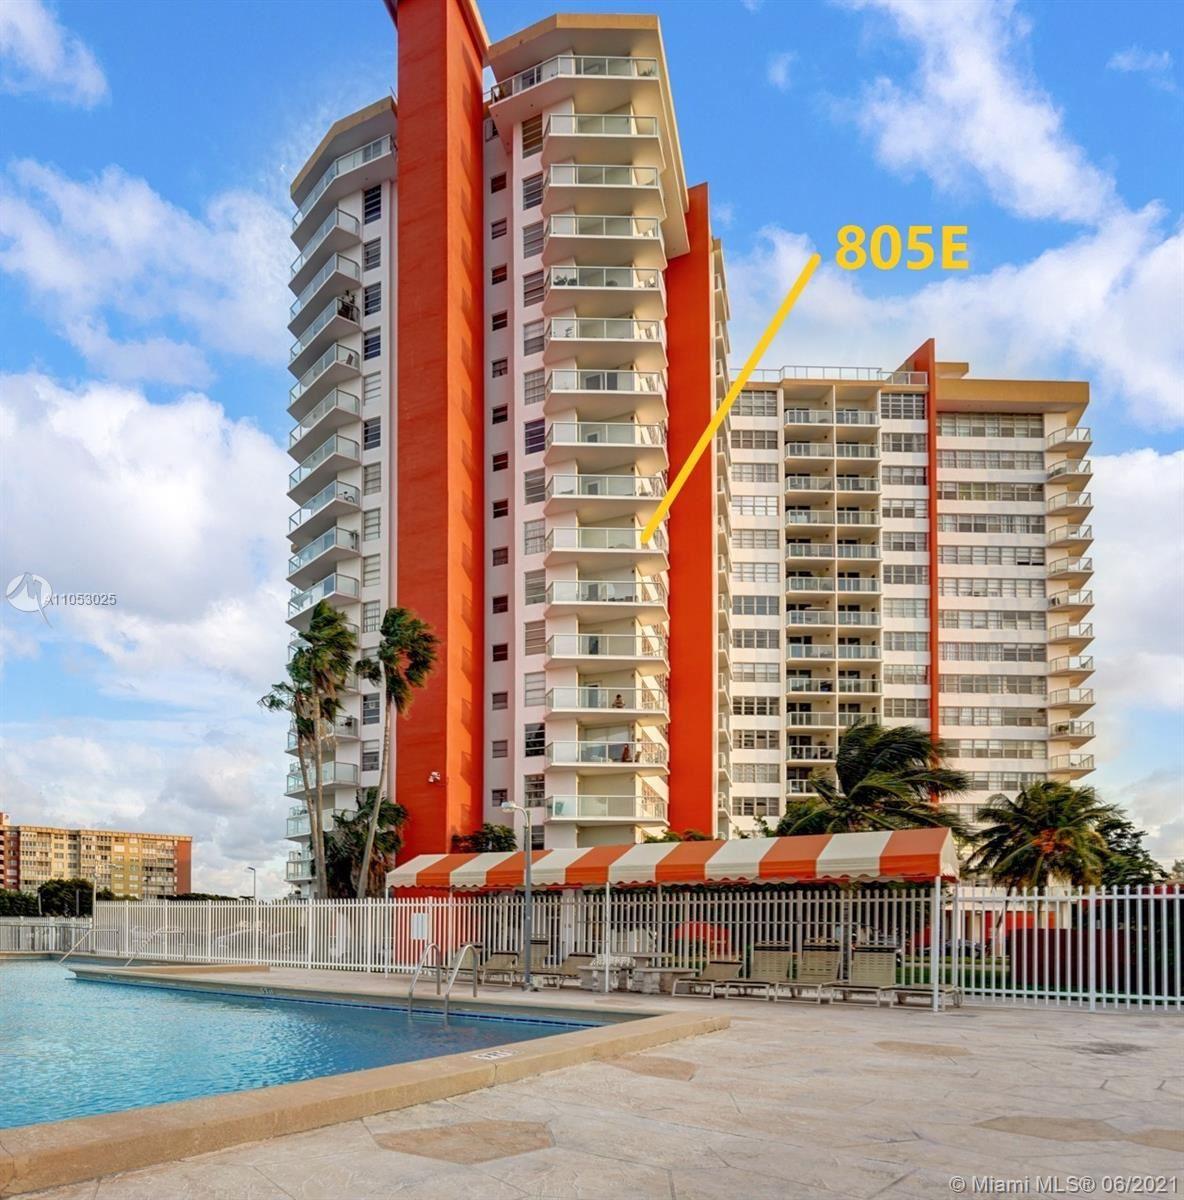 1351 NE Miami Gardens Dr #805E, Miami, FL 33179 - #: A11053025